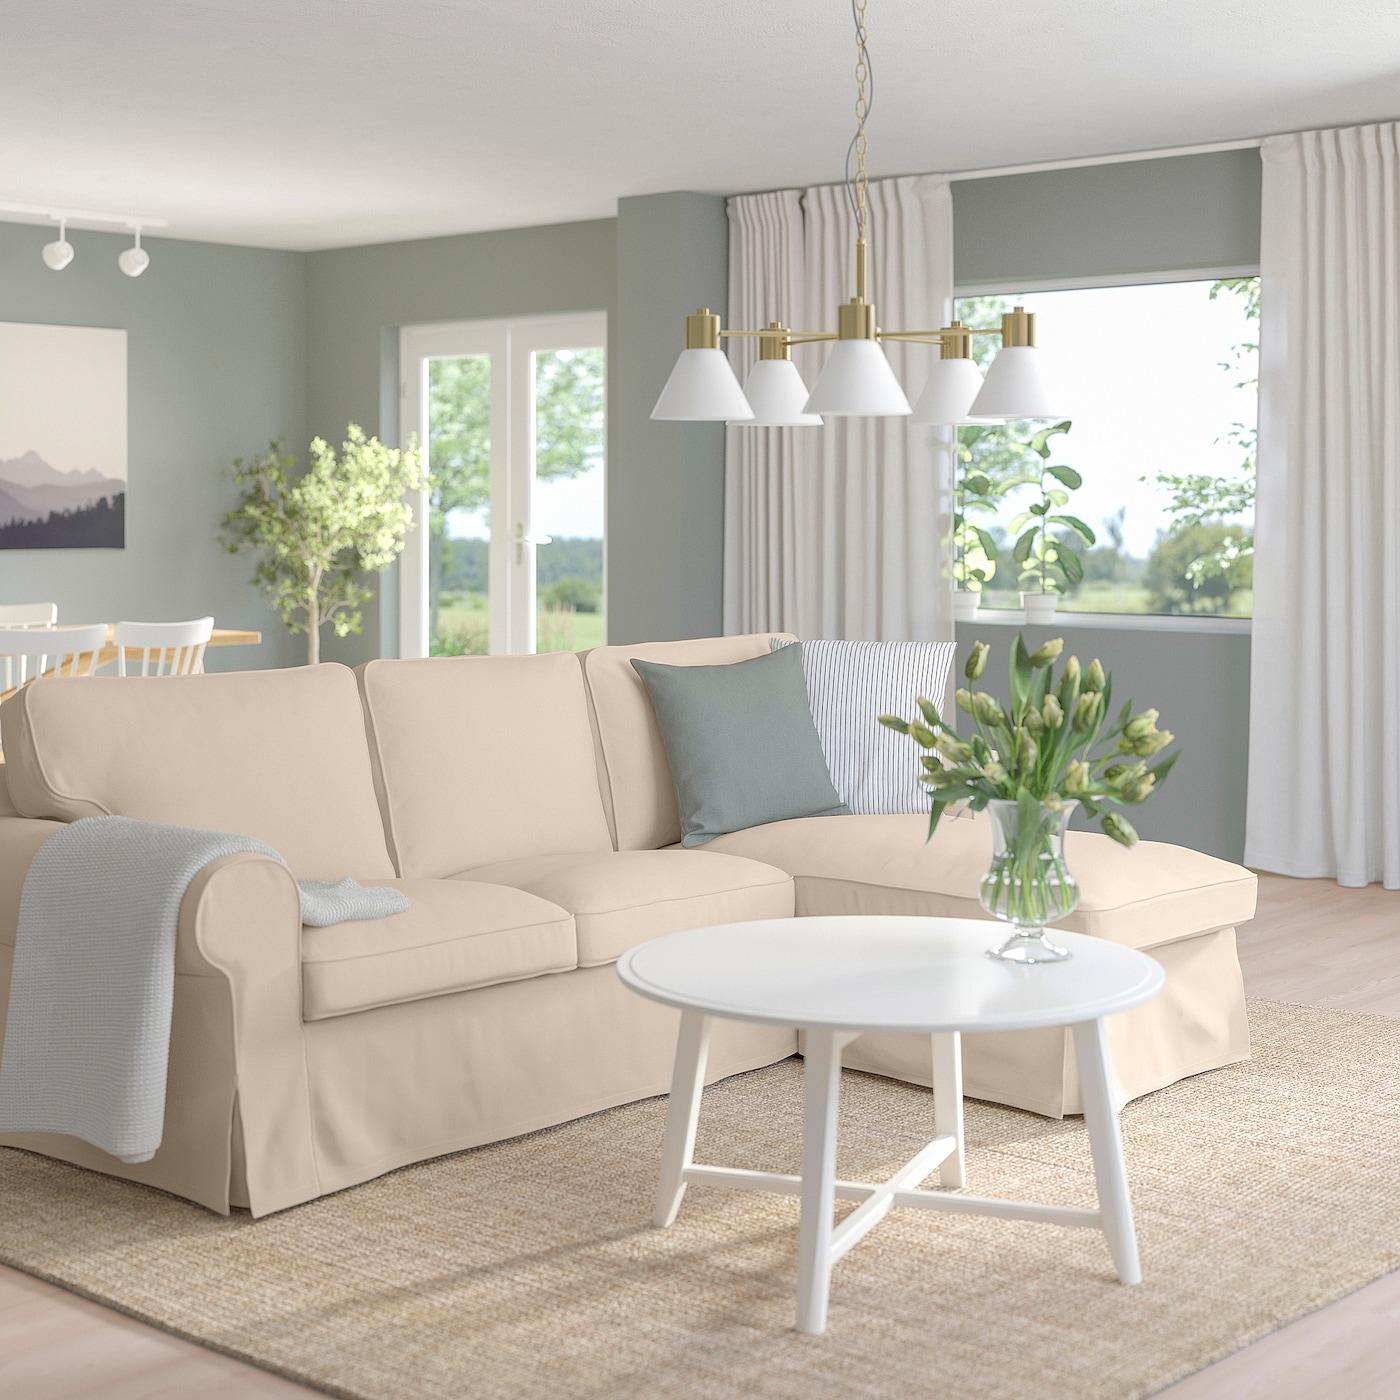 Ektorp 3er Sofa Mit Recamiere Hallarp Beige Ikea Osterreich